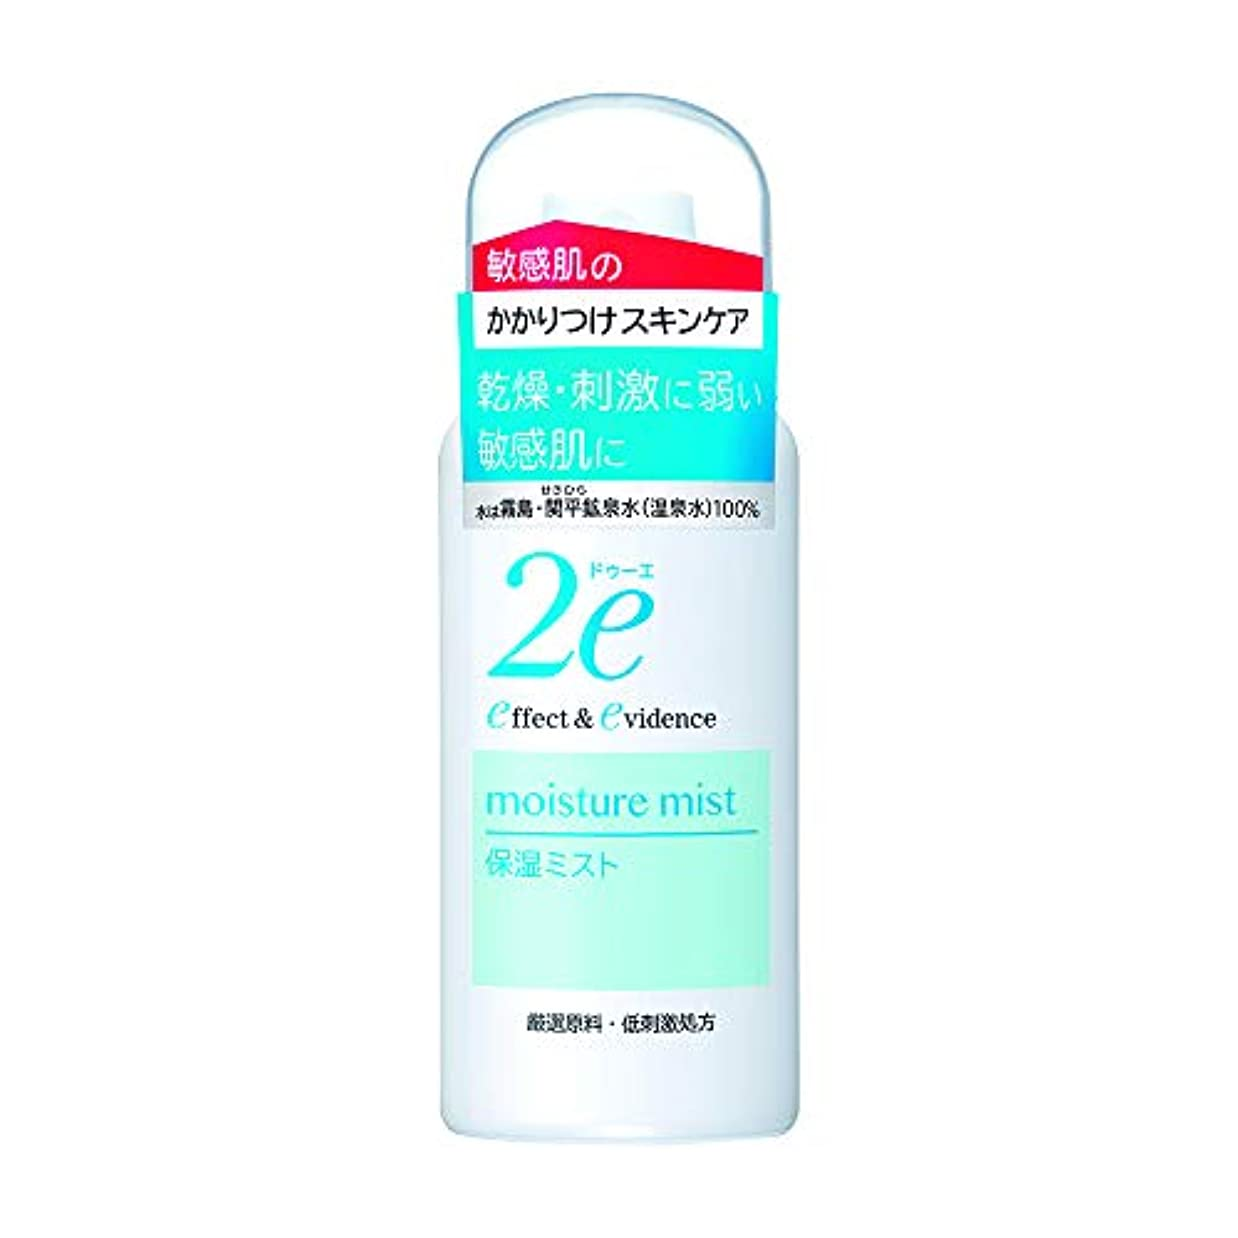 政権各登録する2e(ドゥーエ) 保湿ミスト 携帯用 敏感肌用化粧水 スプレータイプ 低刺激処方 50g